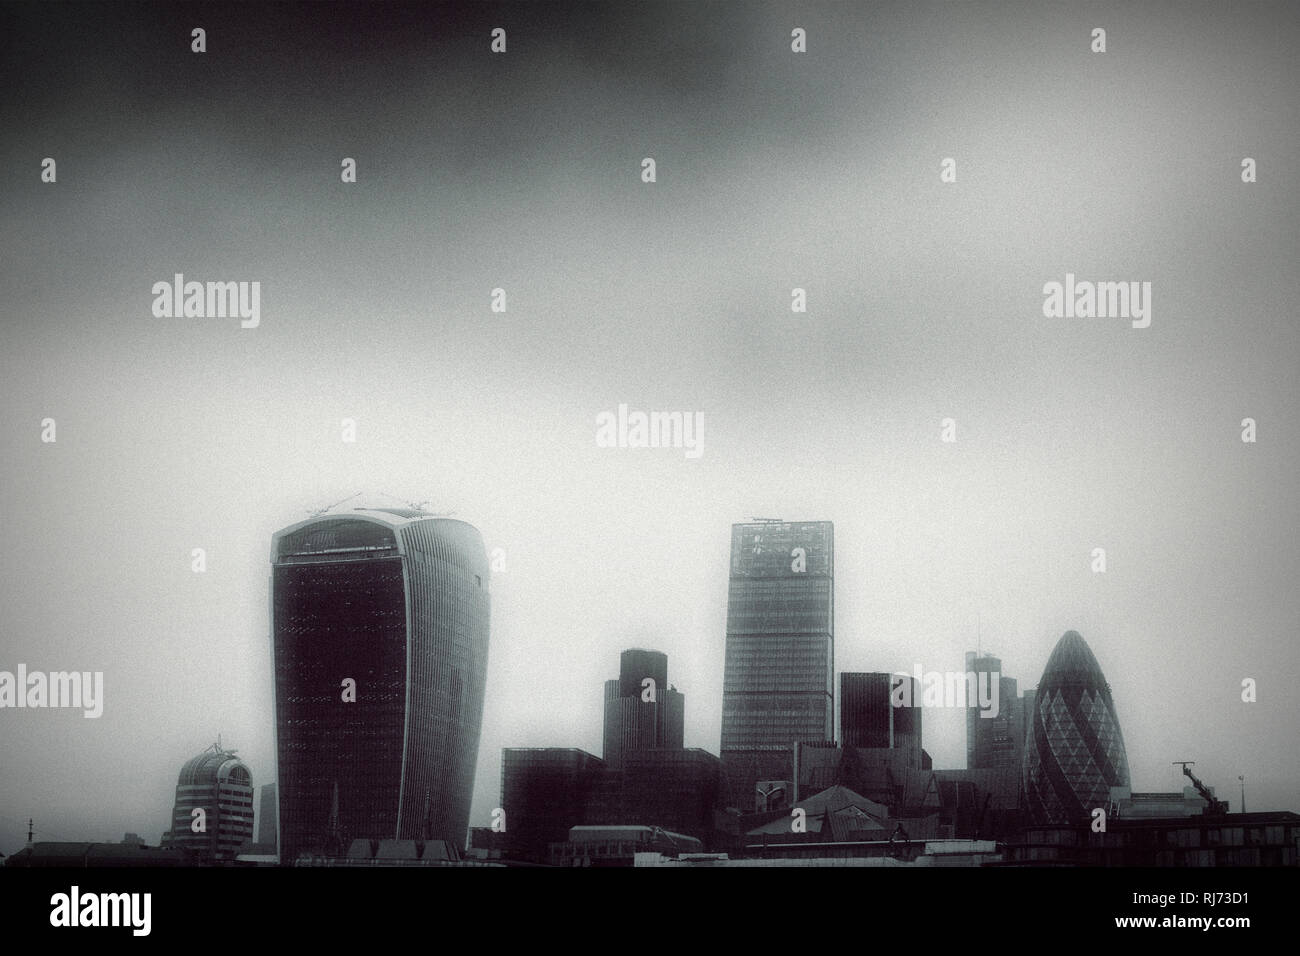 Skyline des Finanzdistriktes der City of London, - Stock Image